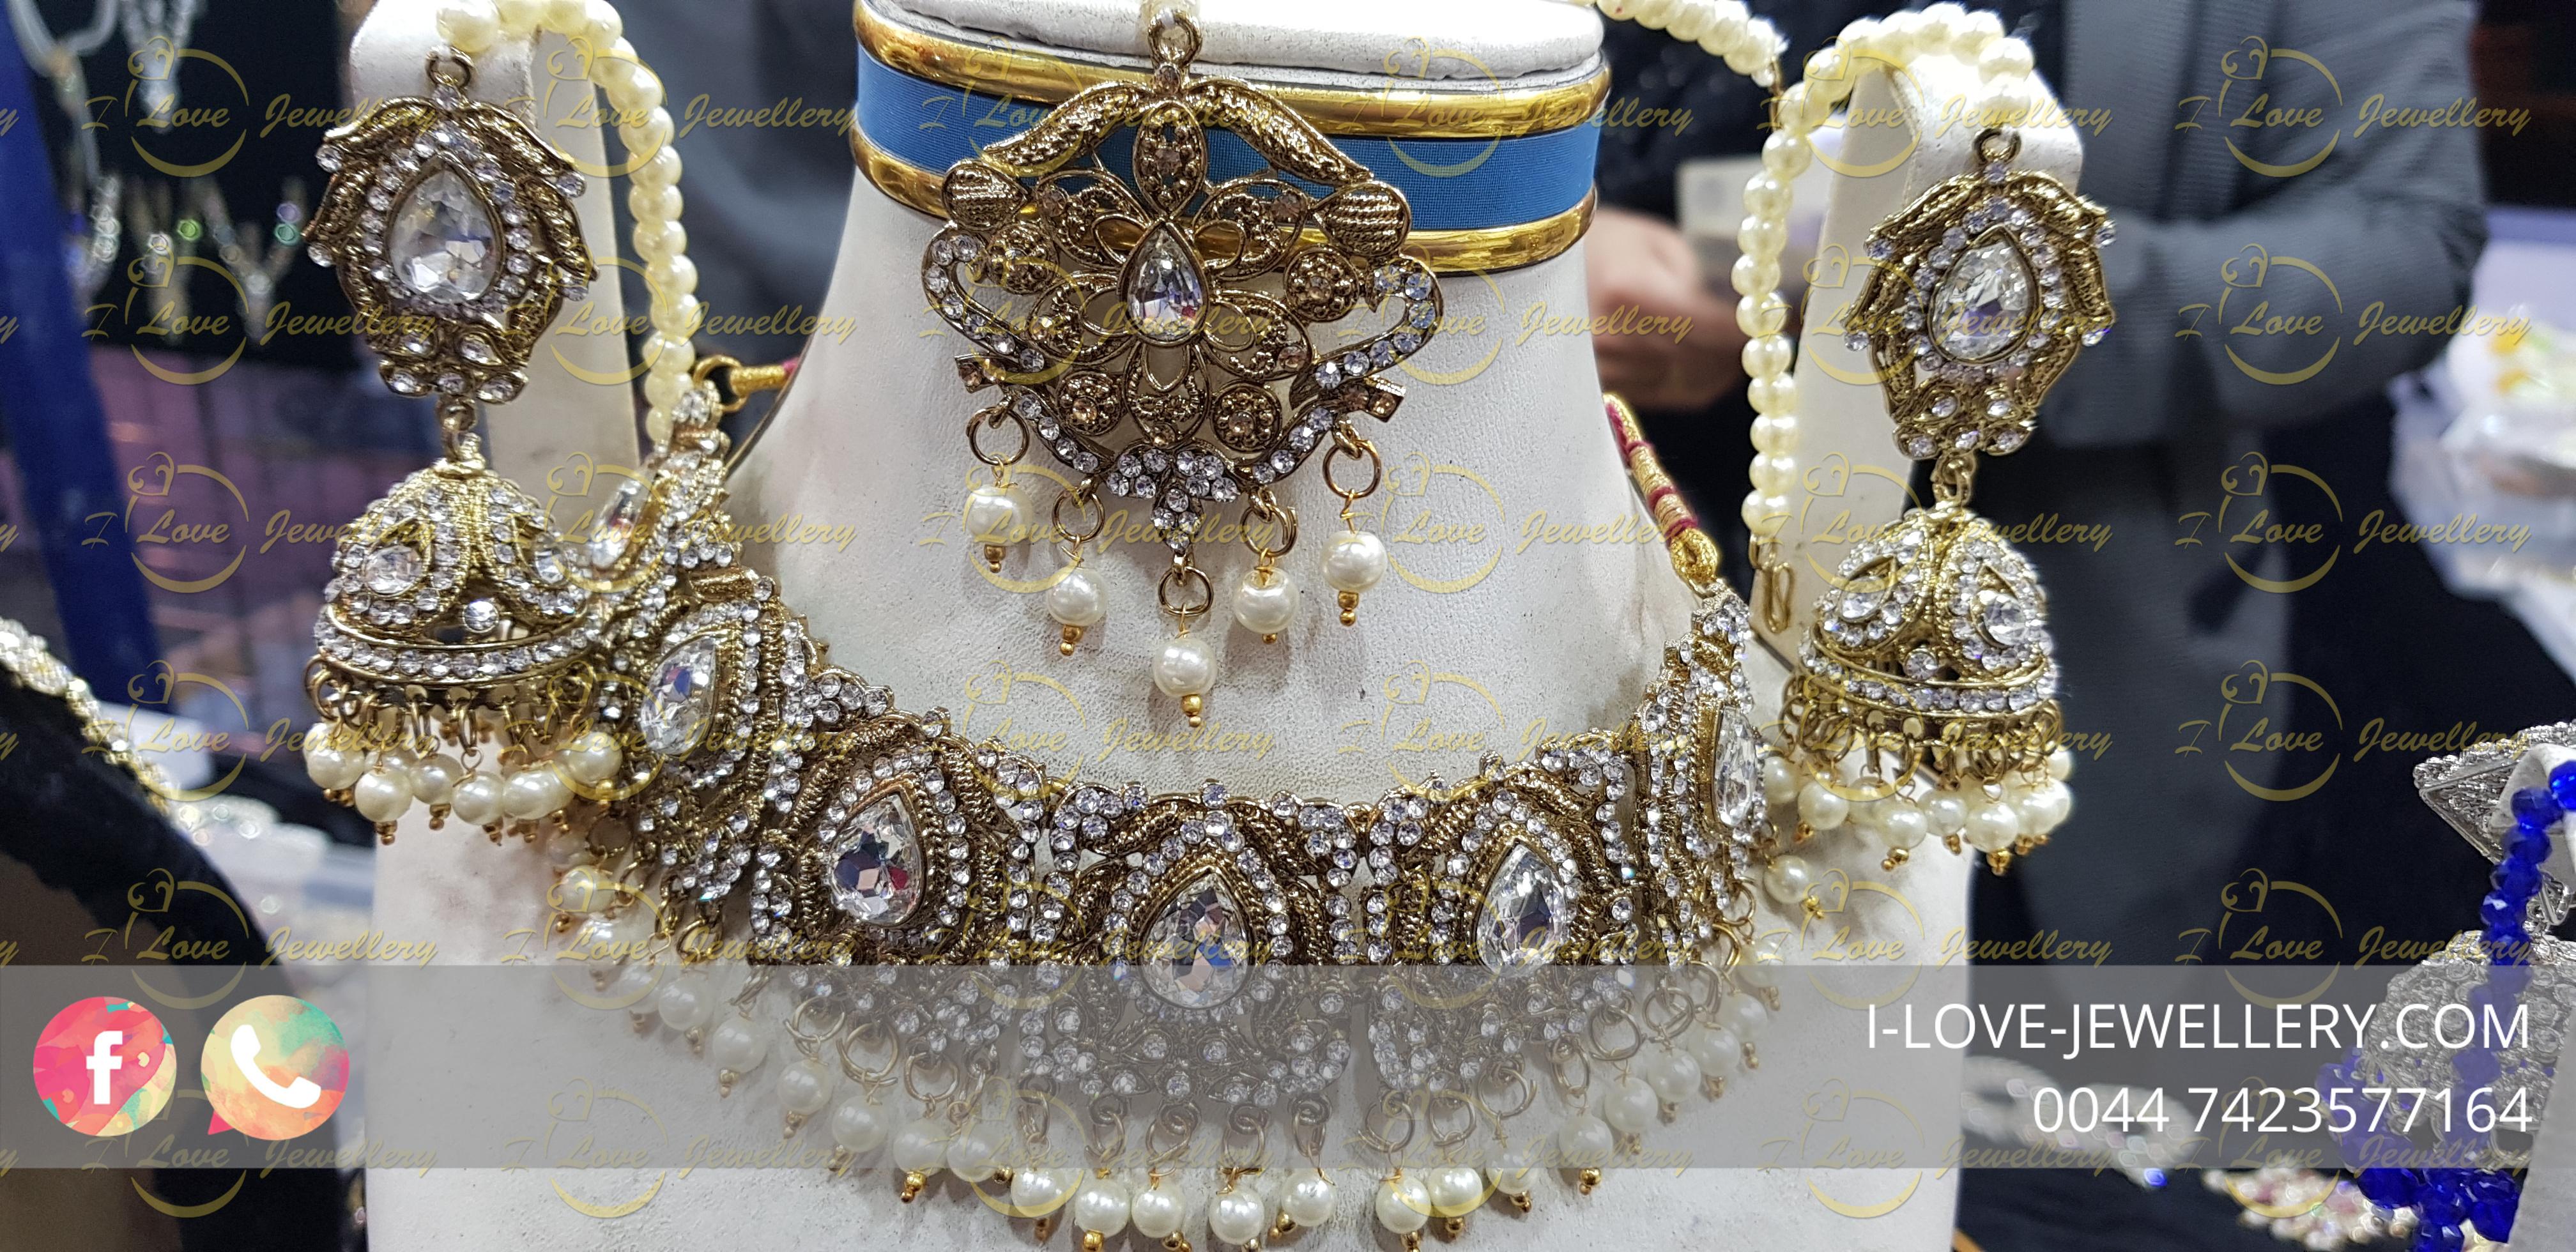 Pakistani jewellery golden choker - multi choker - pearl choker - champagne - wholesale Pakistani jewellery - bespoke Pakistani jewellery